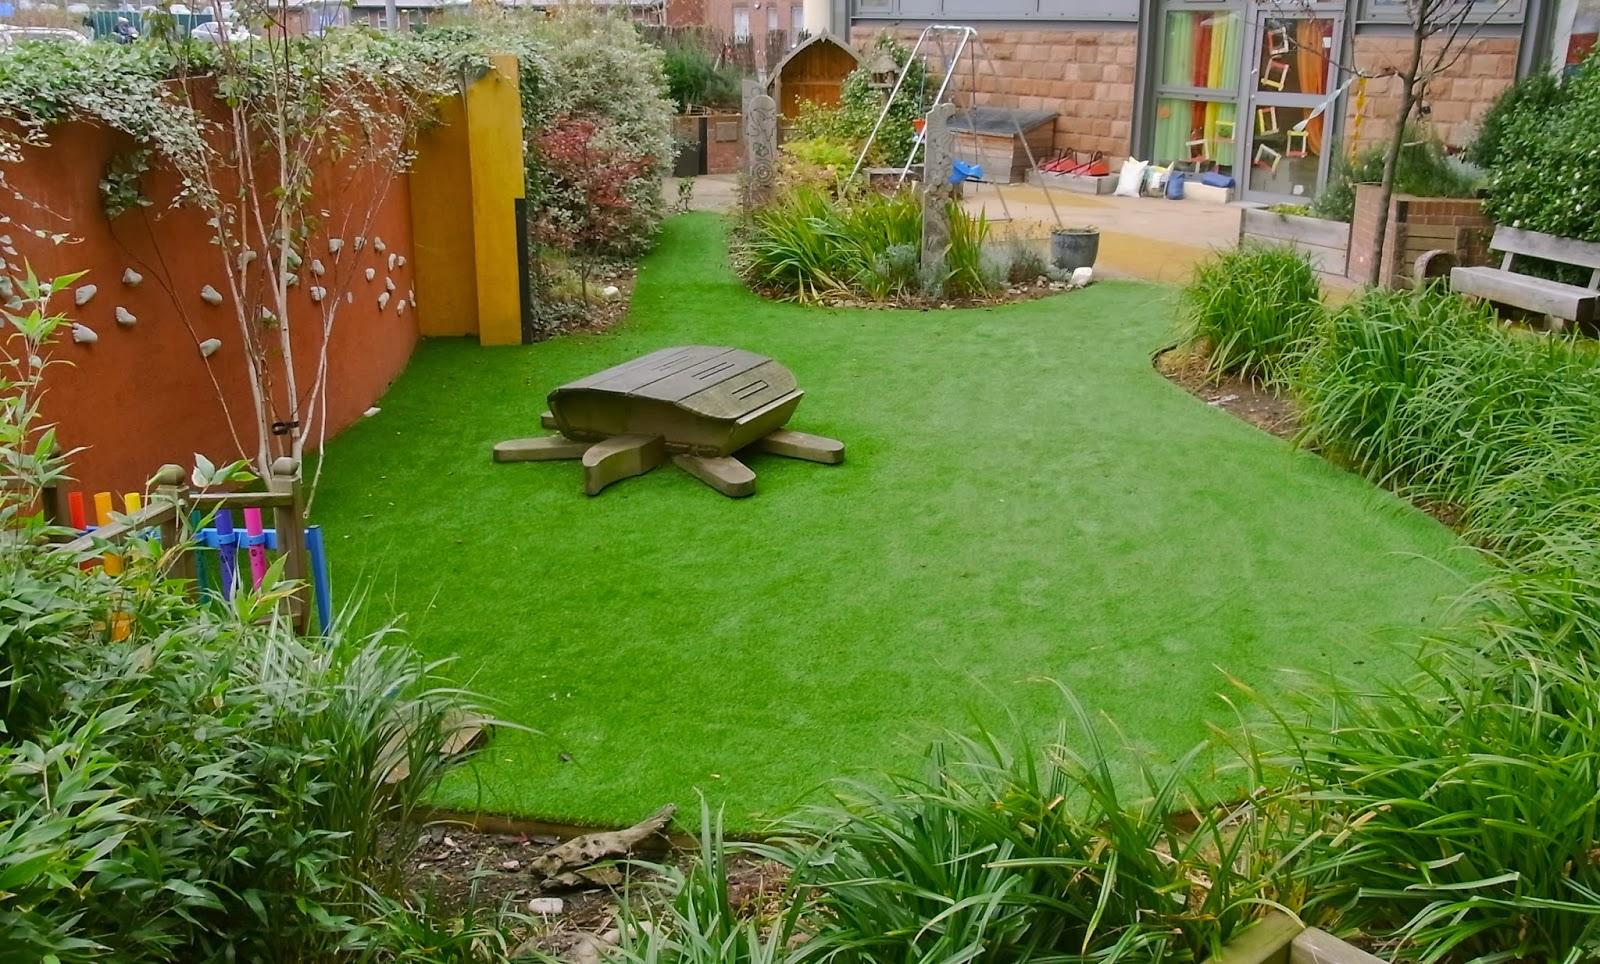 Foundation dezin decor artificial grass for Patios y jardines fotos